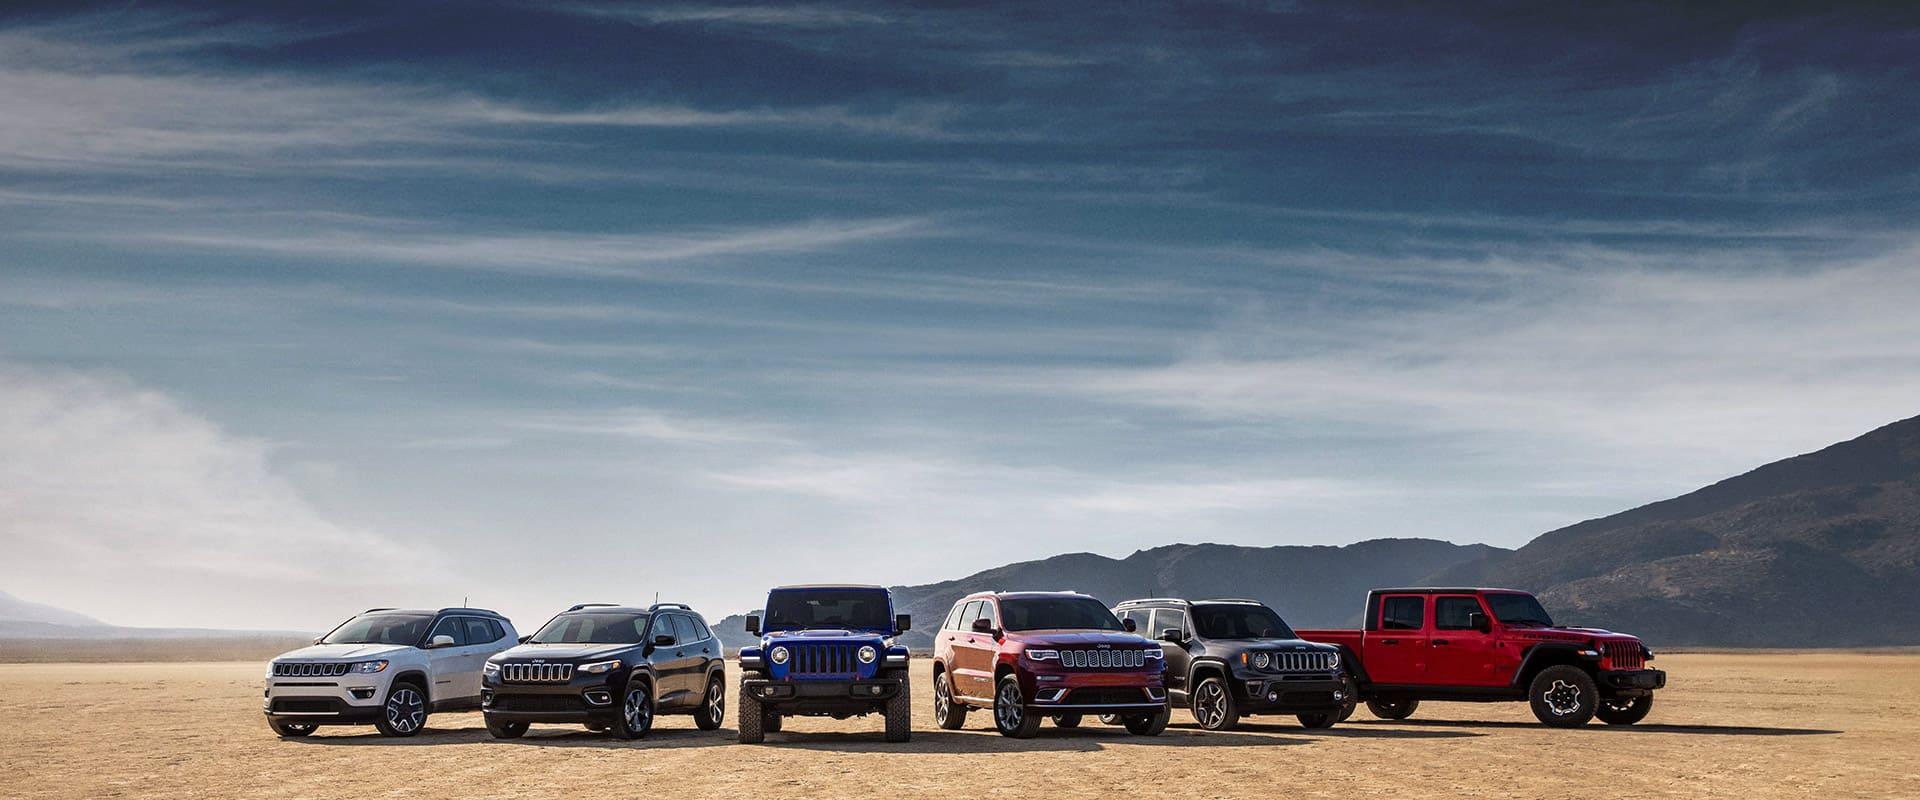 La línea de vehículos Jeep2020, de izquierda a derecha:Compass, Cherokee, Wrangler, Grand Cherokee, Renegade y Gladiator.